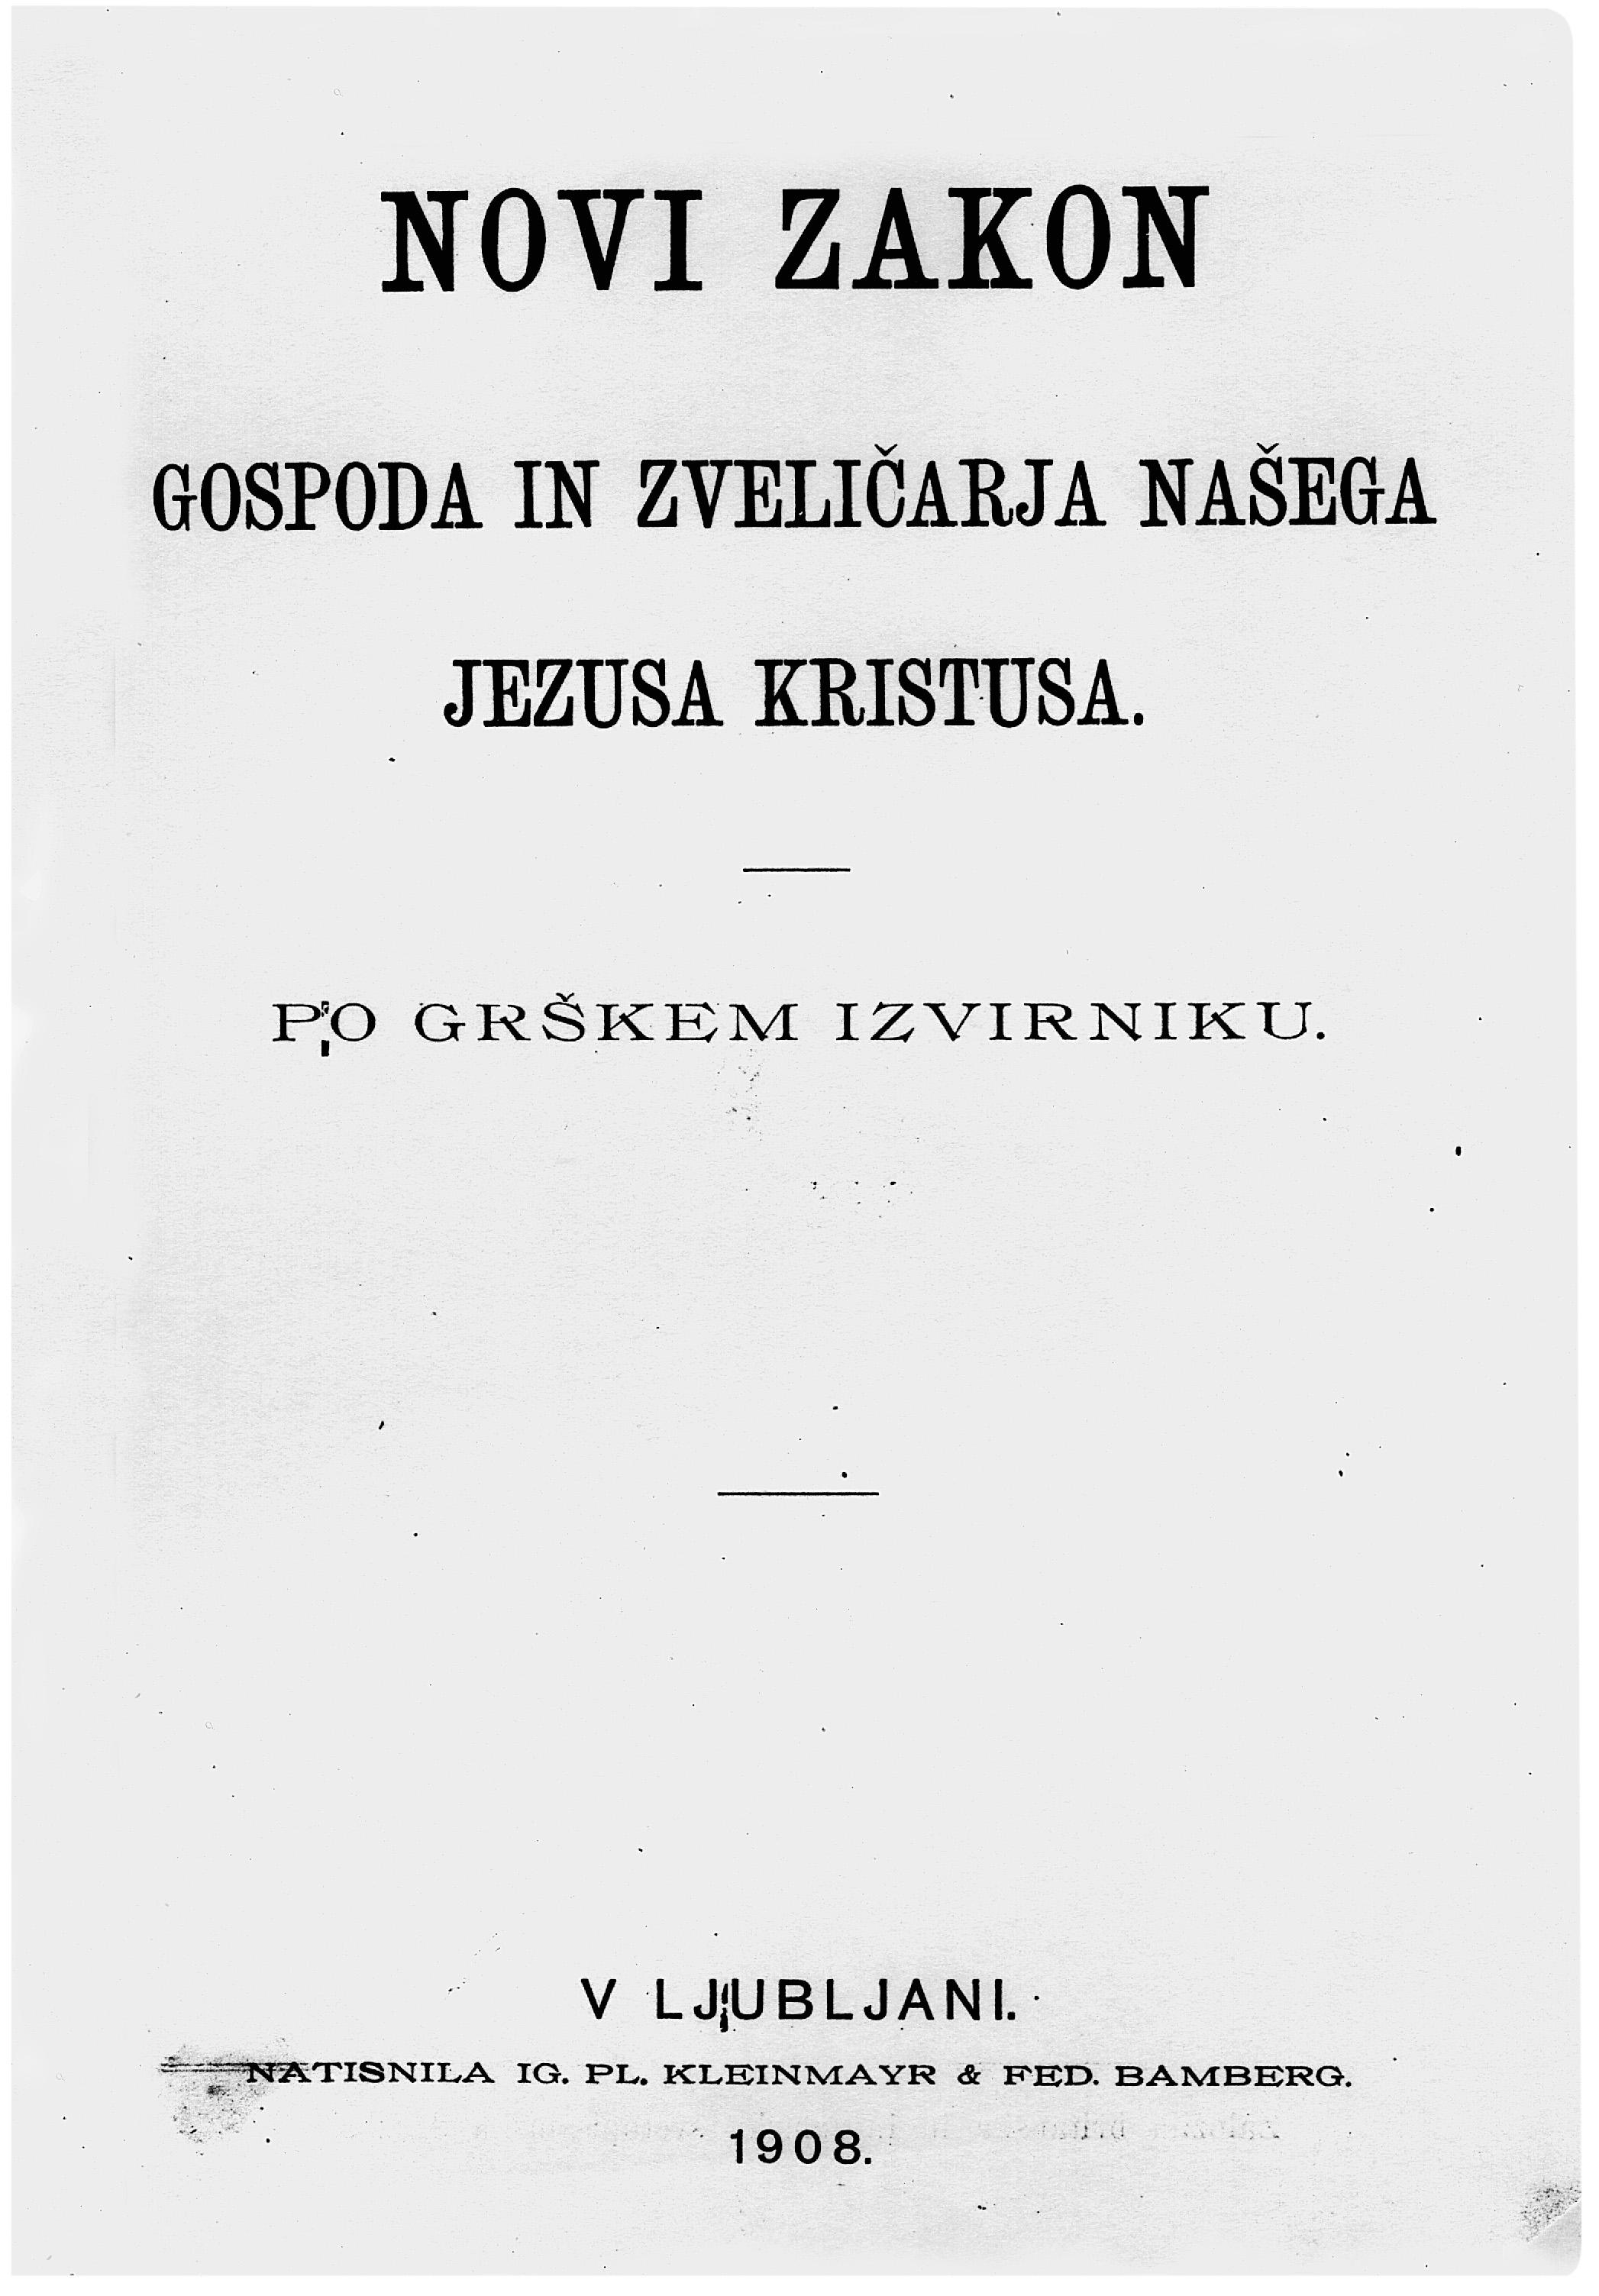 Chráskov Novi zakon, 1908